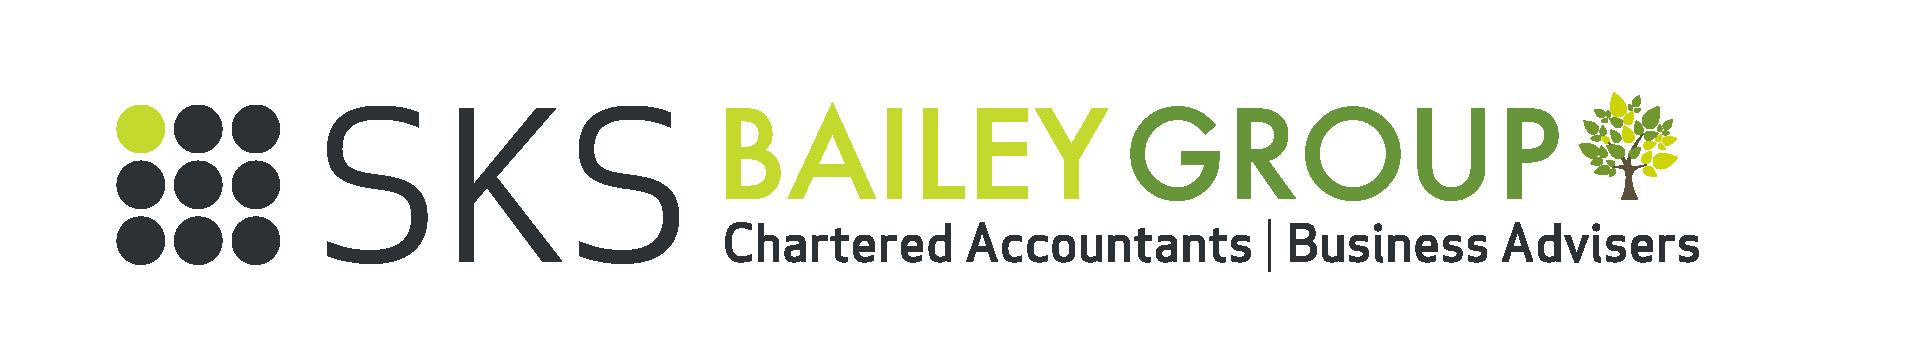 SKS_Brands_v9_SKS_BaileyGroup